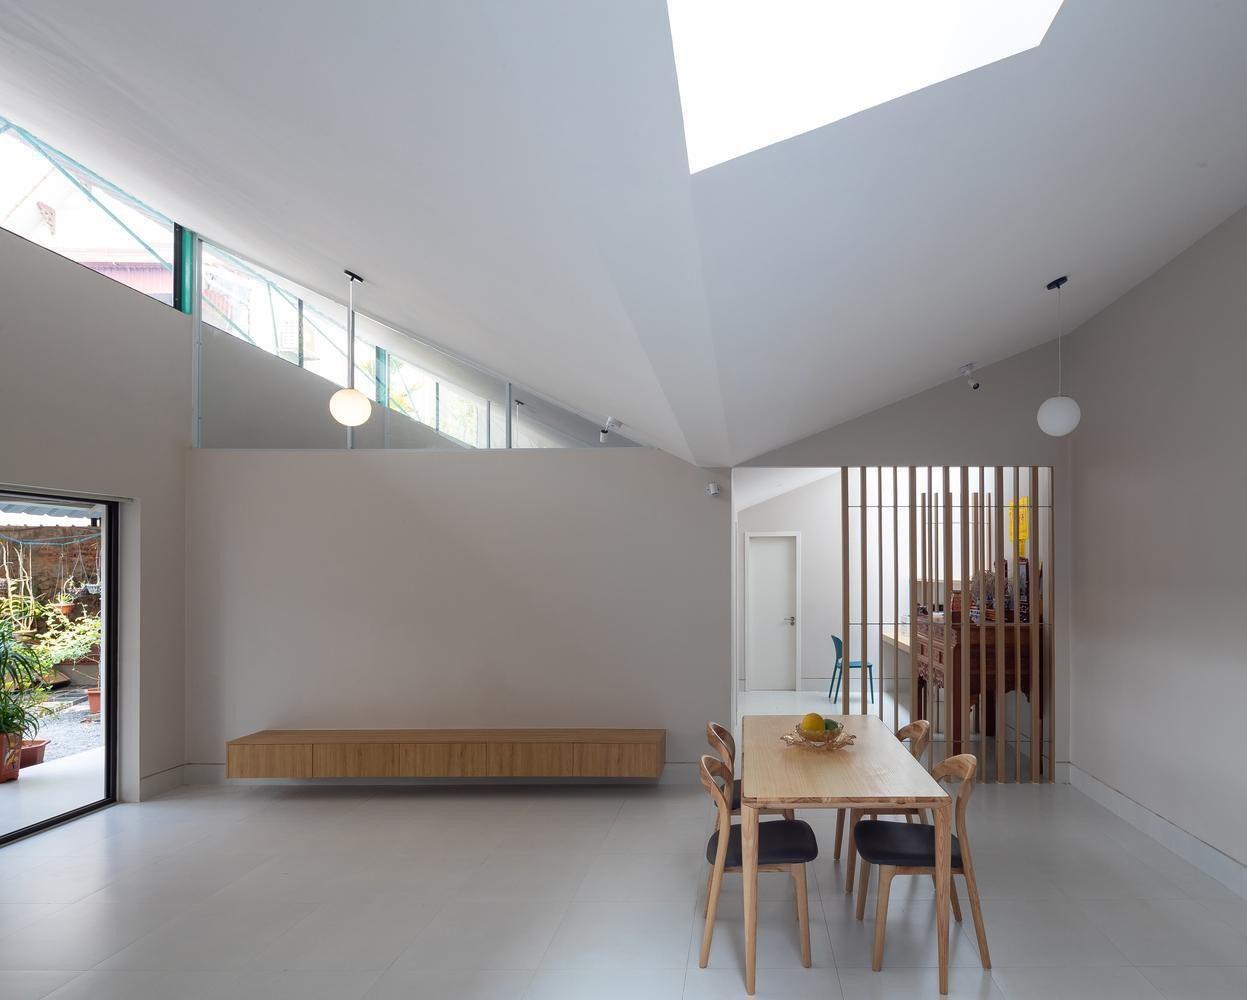 nội thất gỗ tạo sự thân thuộc